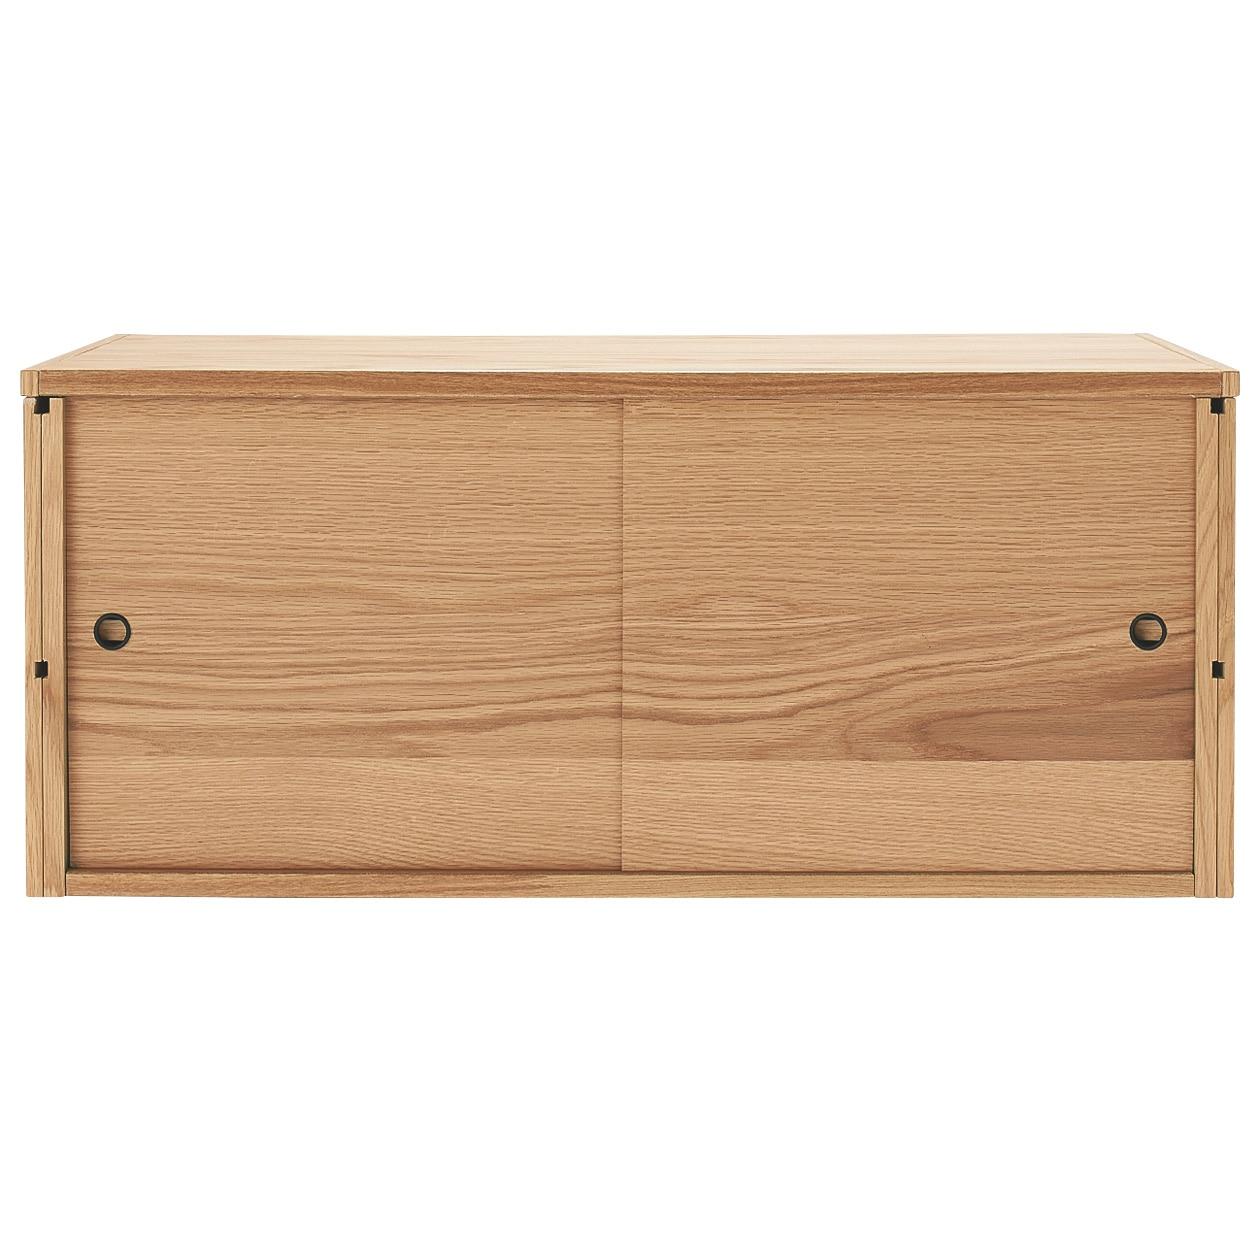 スチールユニットシェルフ用・ボックス・木製引き戸・オーク材